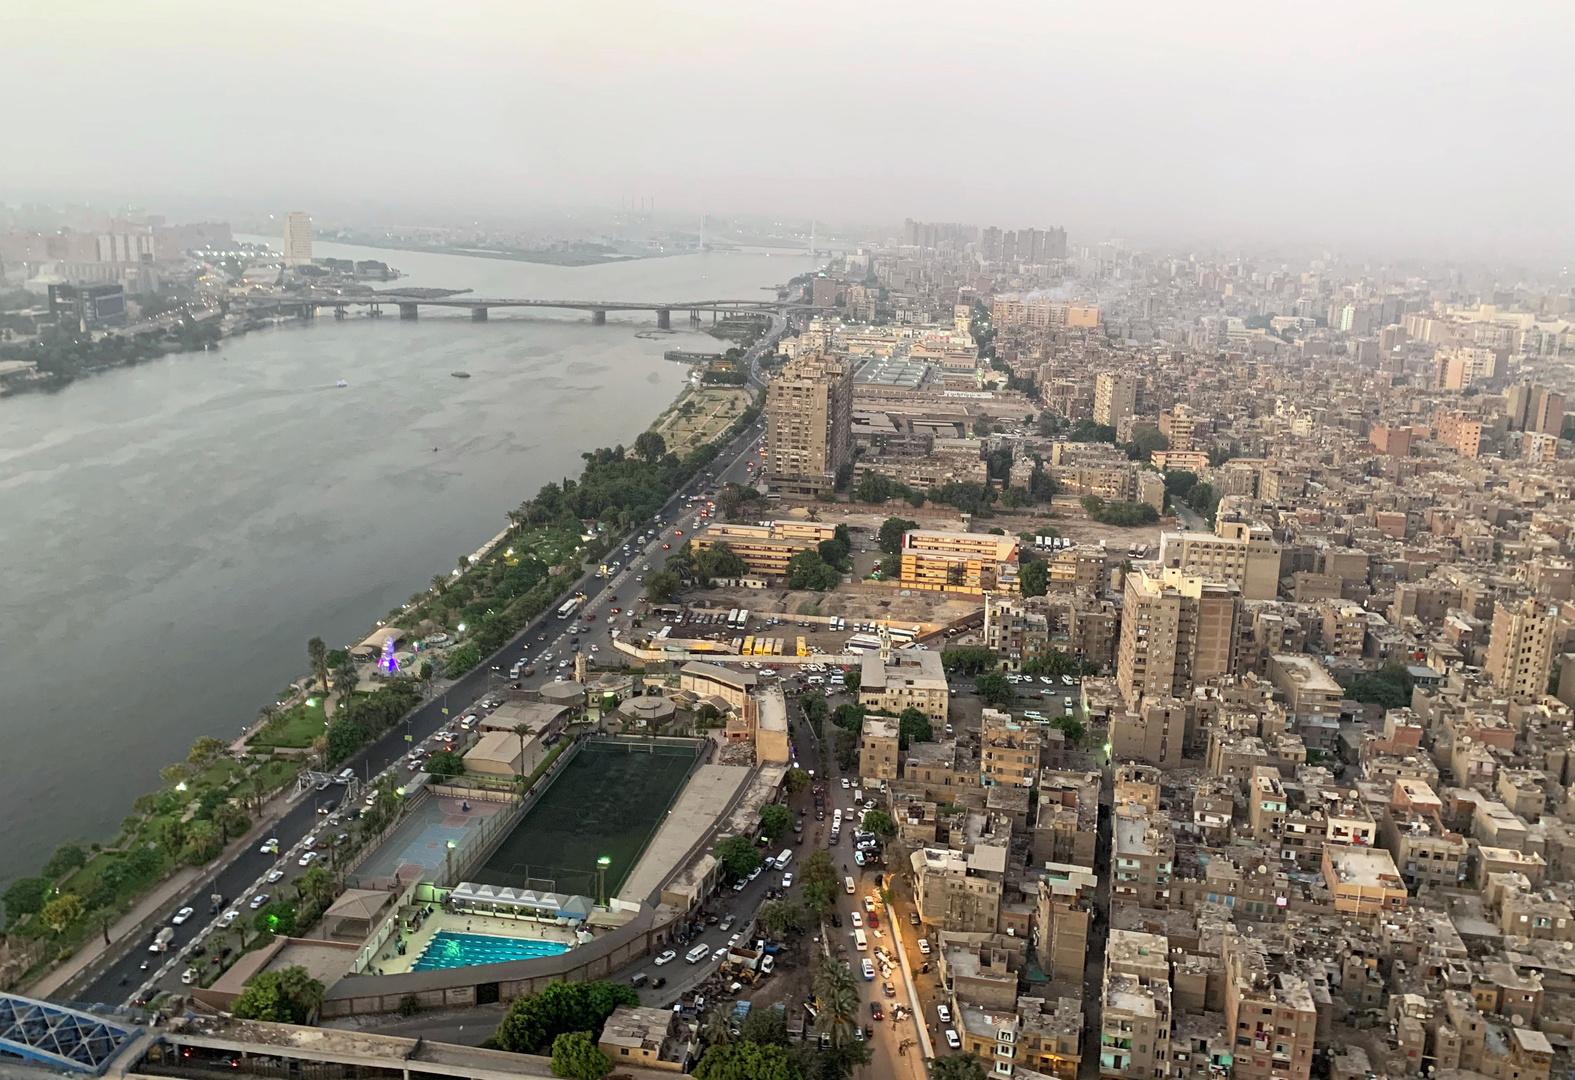 عدد سكان مصر بالداخل يصل 100 مليون نسمة اليوم